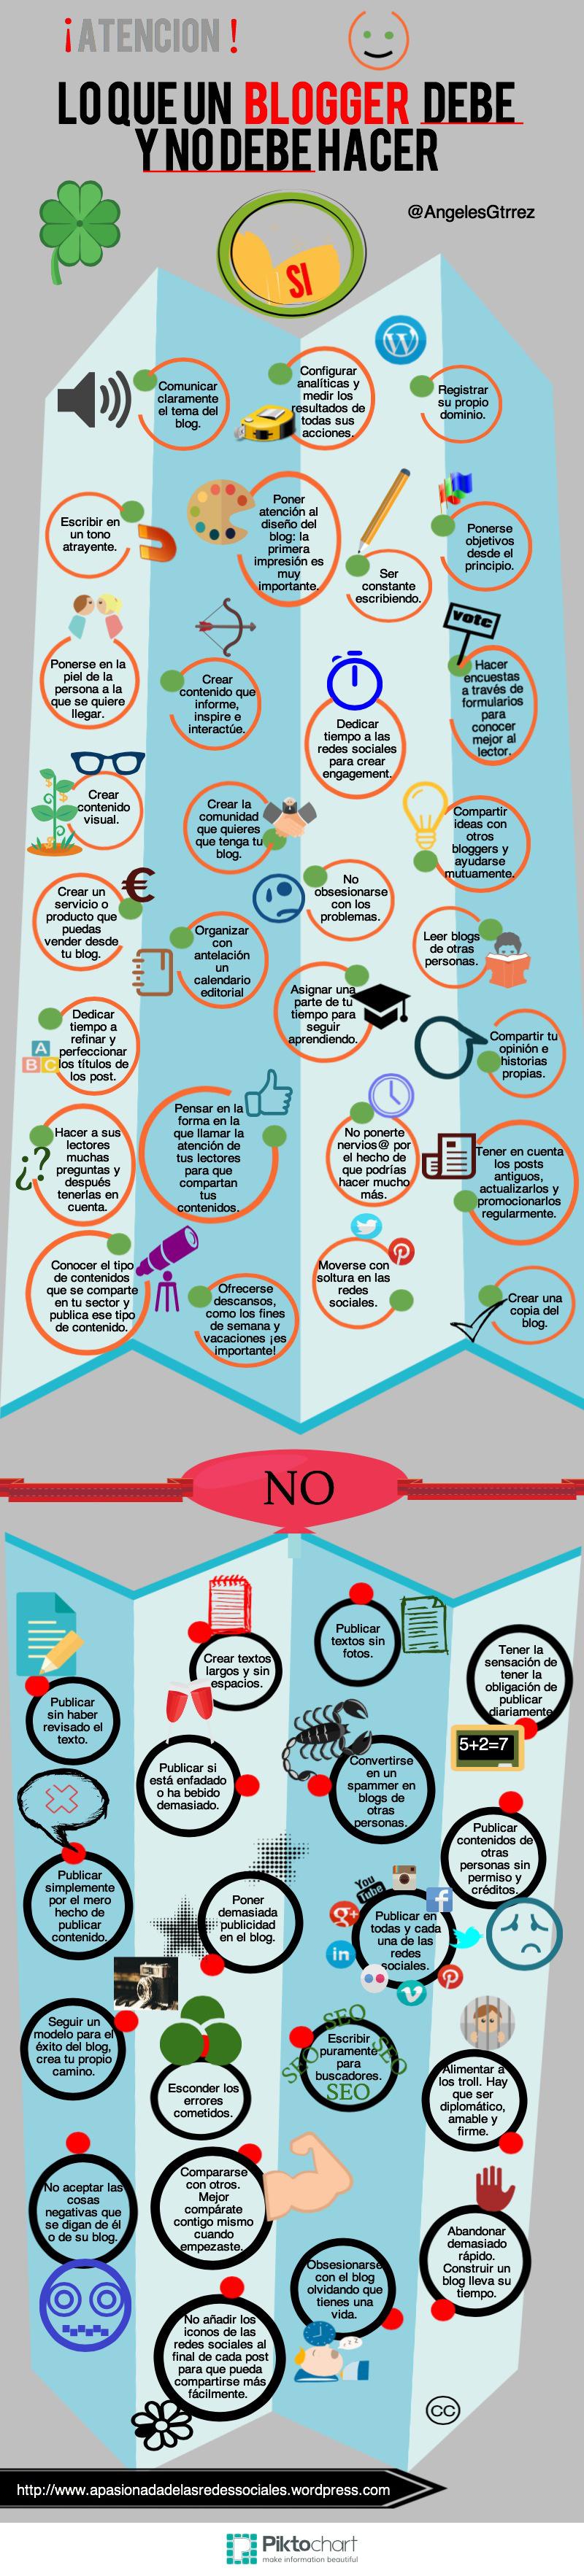 Lo que debe y NO debe hacer un blogger